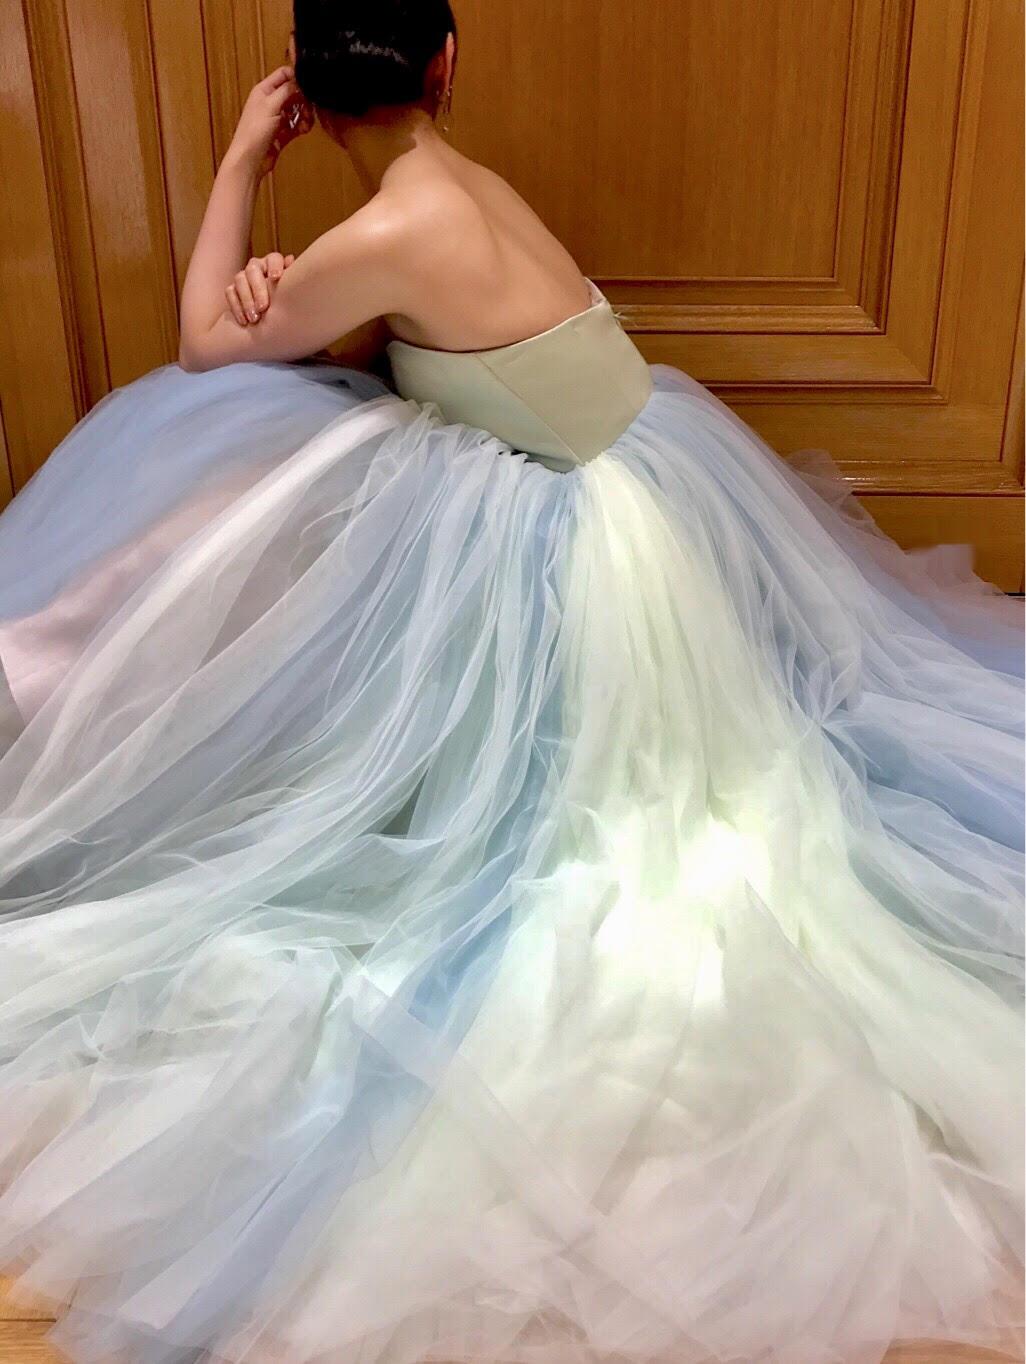 ザトリートドレッシング京都店が取り扱うスカートのグラデーションが美しいドレス